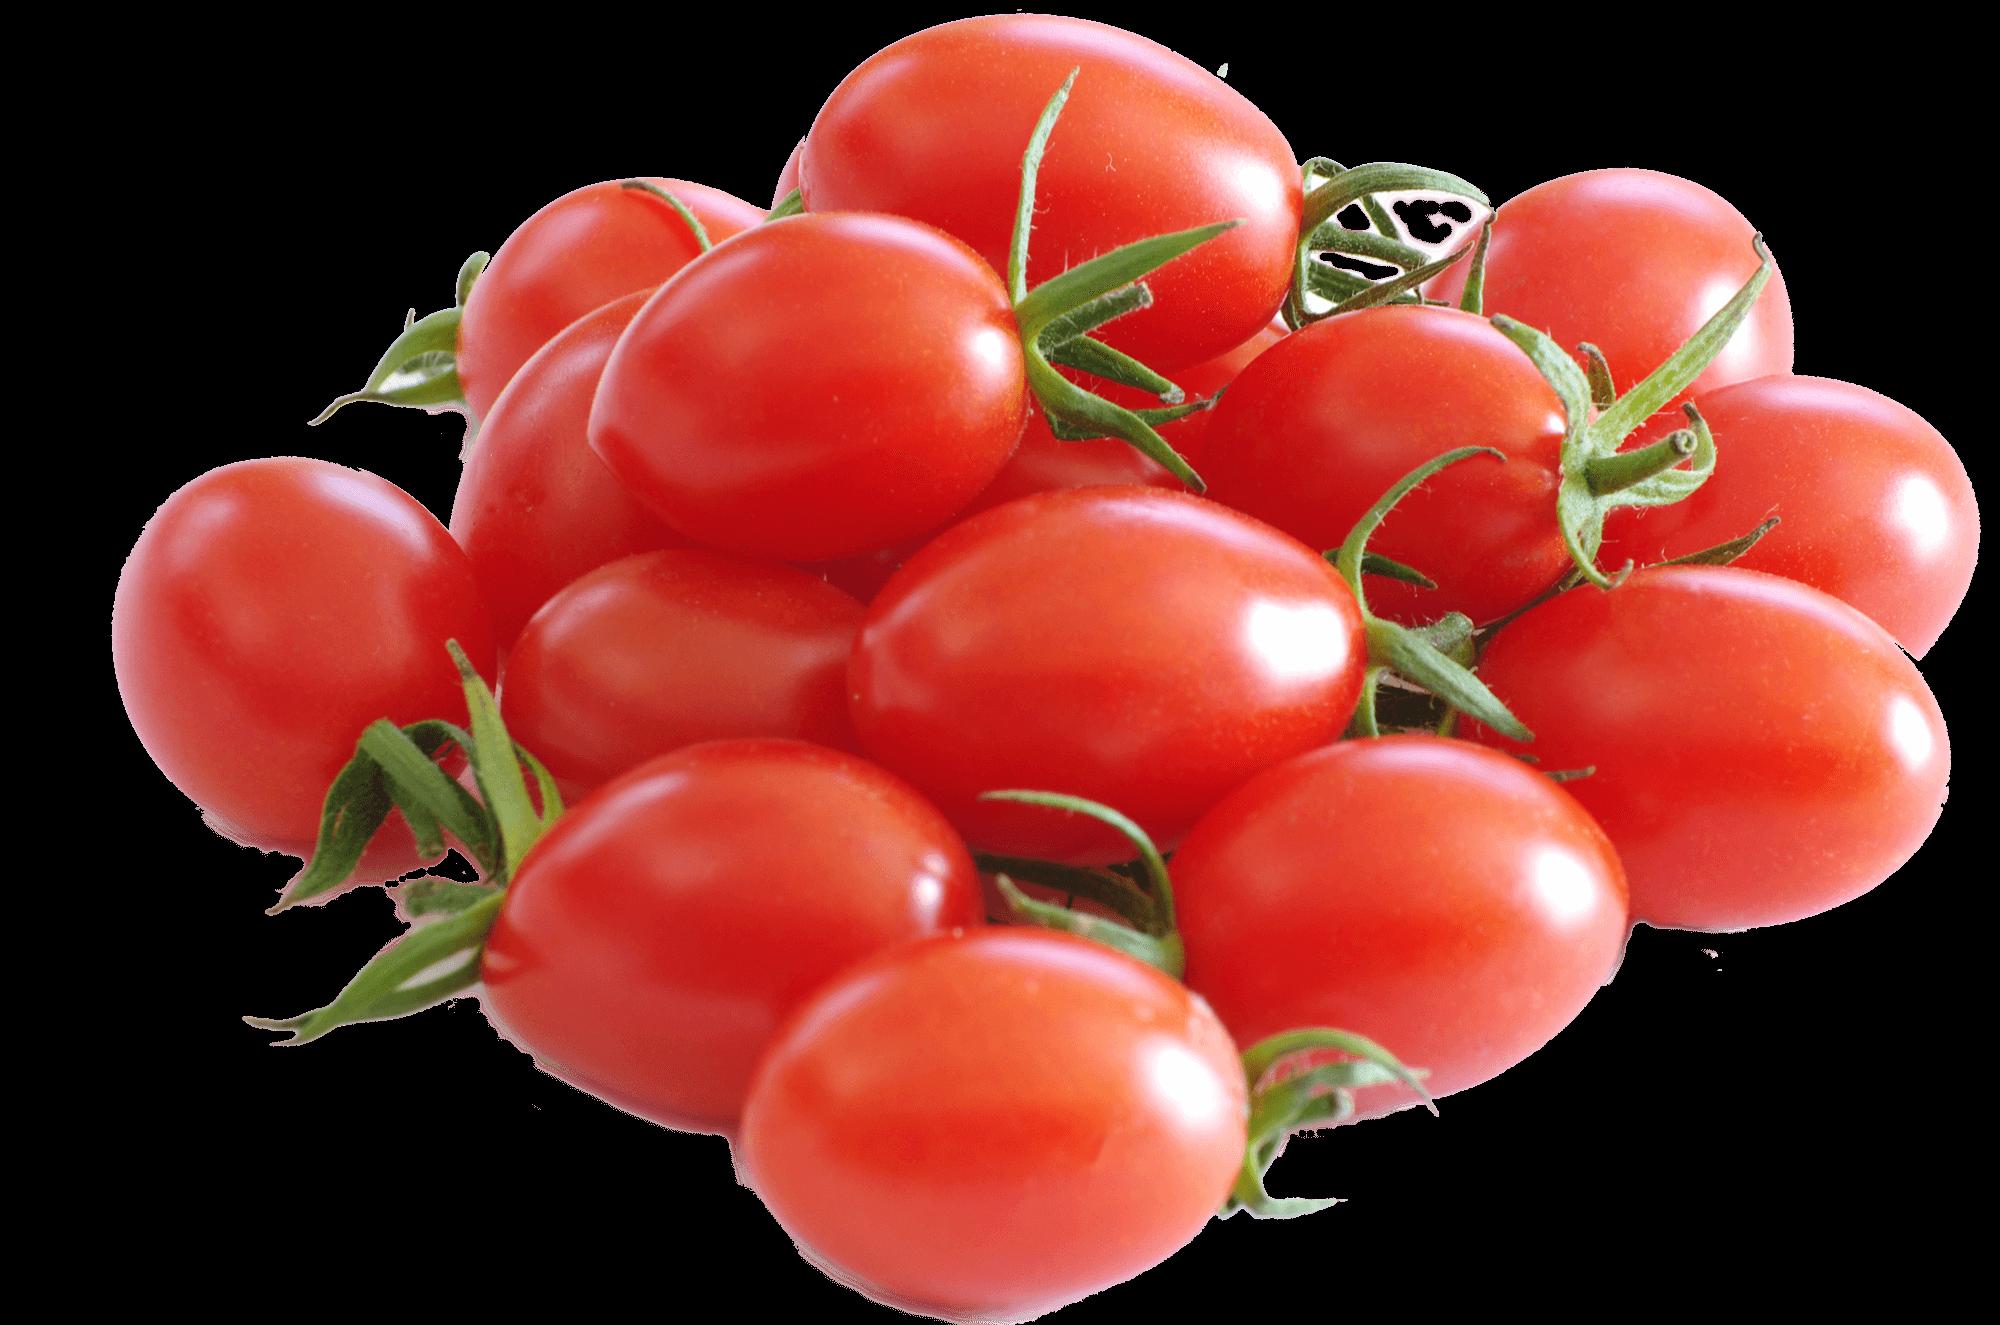 <p>Wir liefern zusammen<br /> mit den Früchten ab 3 Kg:<br /> Karotten, Cherrytomaten, Datteltomaten, Peperoni, Radieschen, Gurken, ...</p>